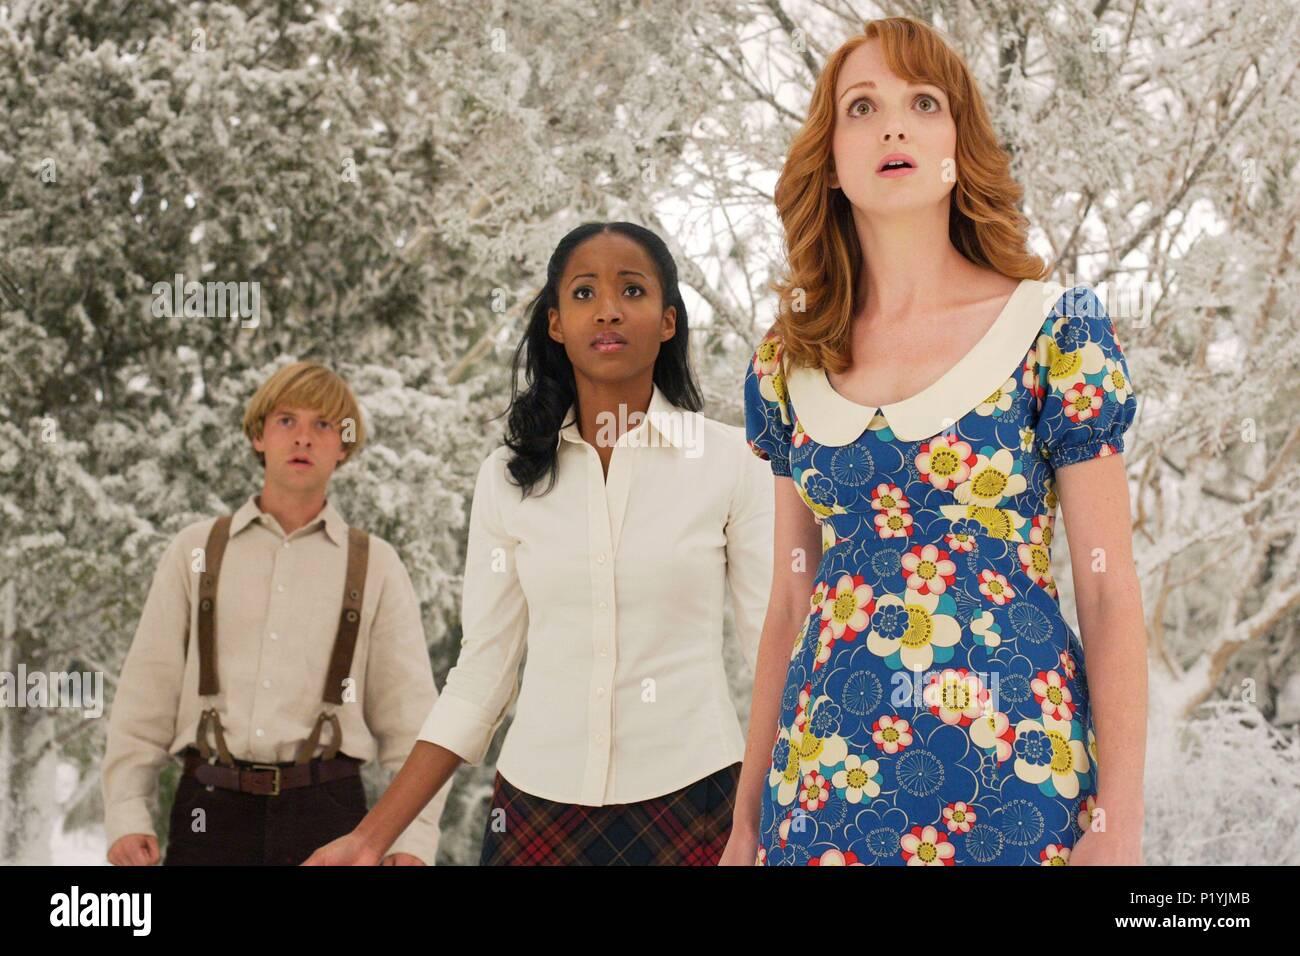 Original Film Title Epic Movie English Title Epic Movie Film